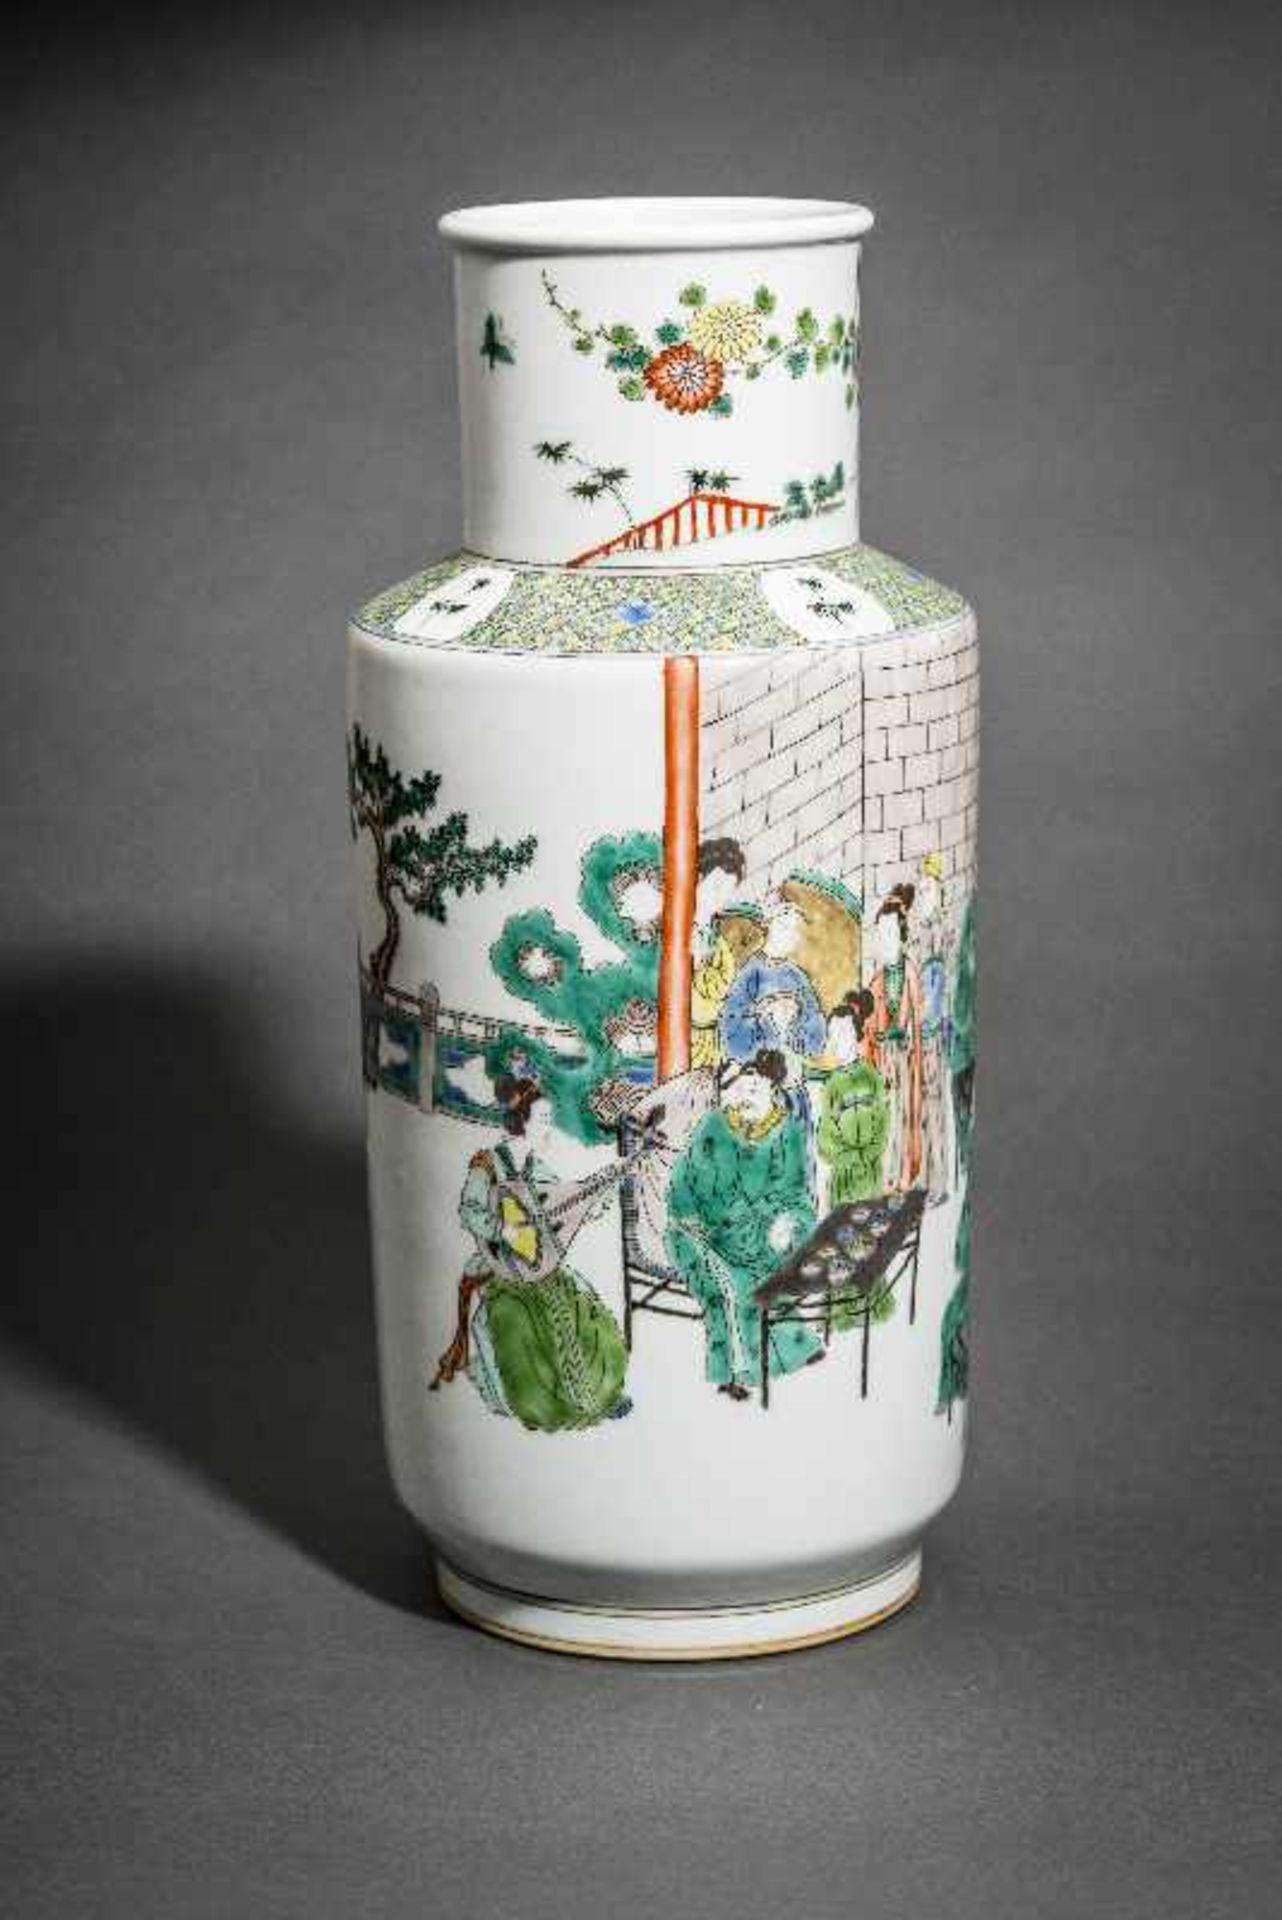 VASE MIT WEISEN UND WÜRDENTRÄGERN Porzellan mit farbiger Emailmalerei. China, Hohe zylindrische